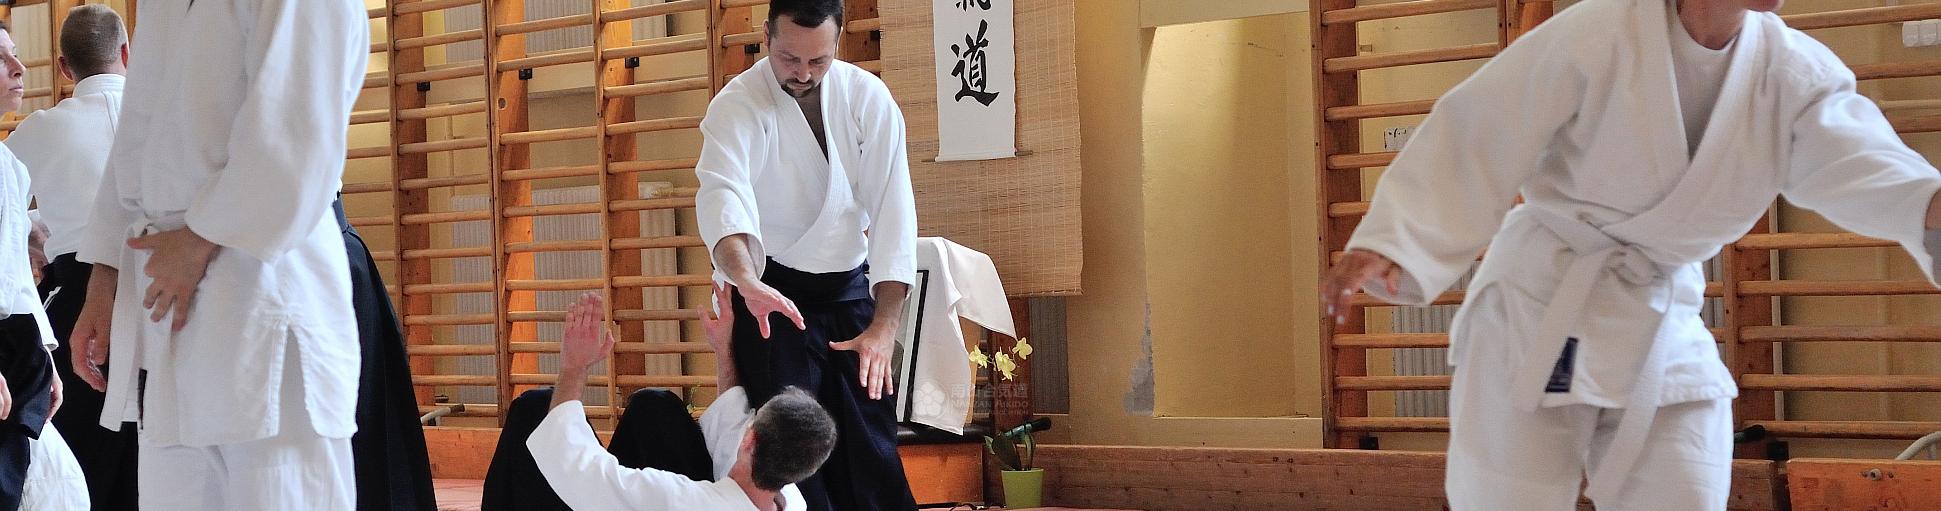 Köszöntünk honlapunkon!  Niklai Norbert 5. dan (Aikikai, Tokió) vezetésével, 2003-óta szervezünk Aikido edzéseket Pécsett gyermek és felnőtt csoportoknak.  Bővebb információért kattints a lenti képekre, vagy válassz a menüpontok közül fent!